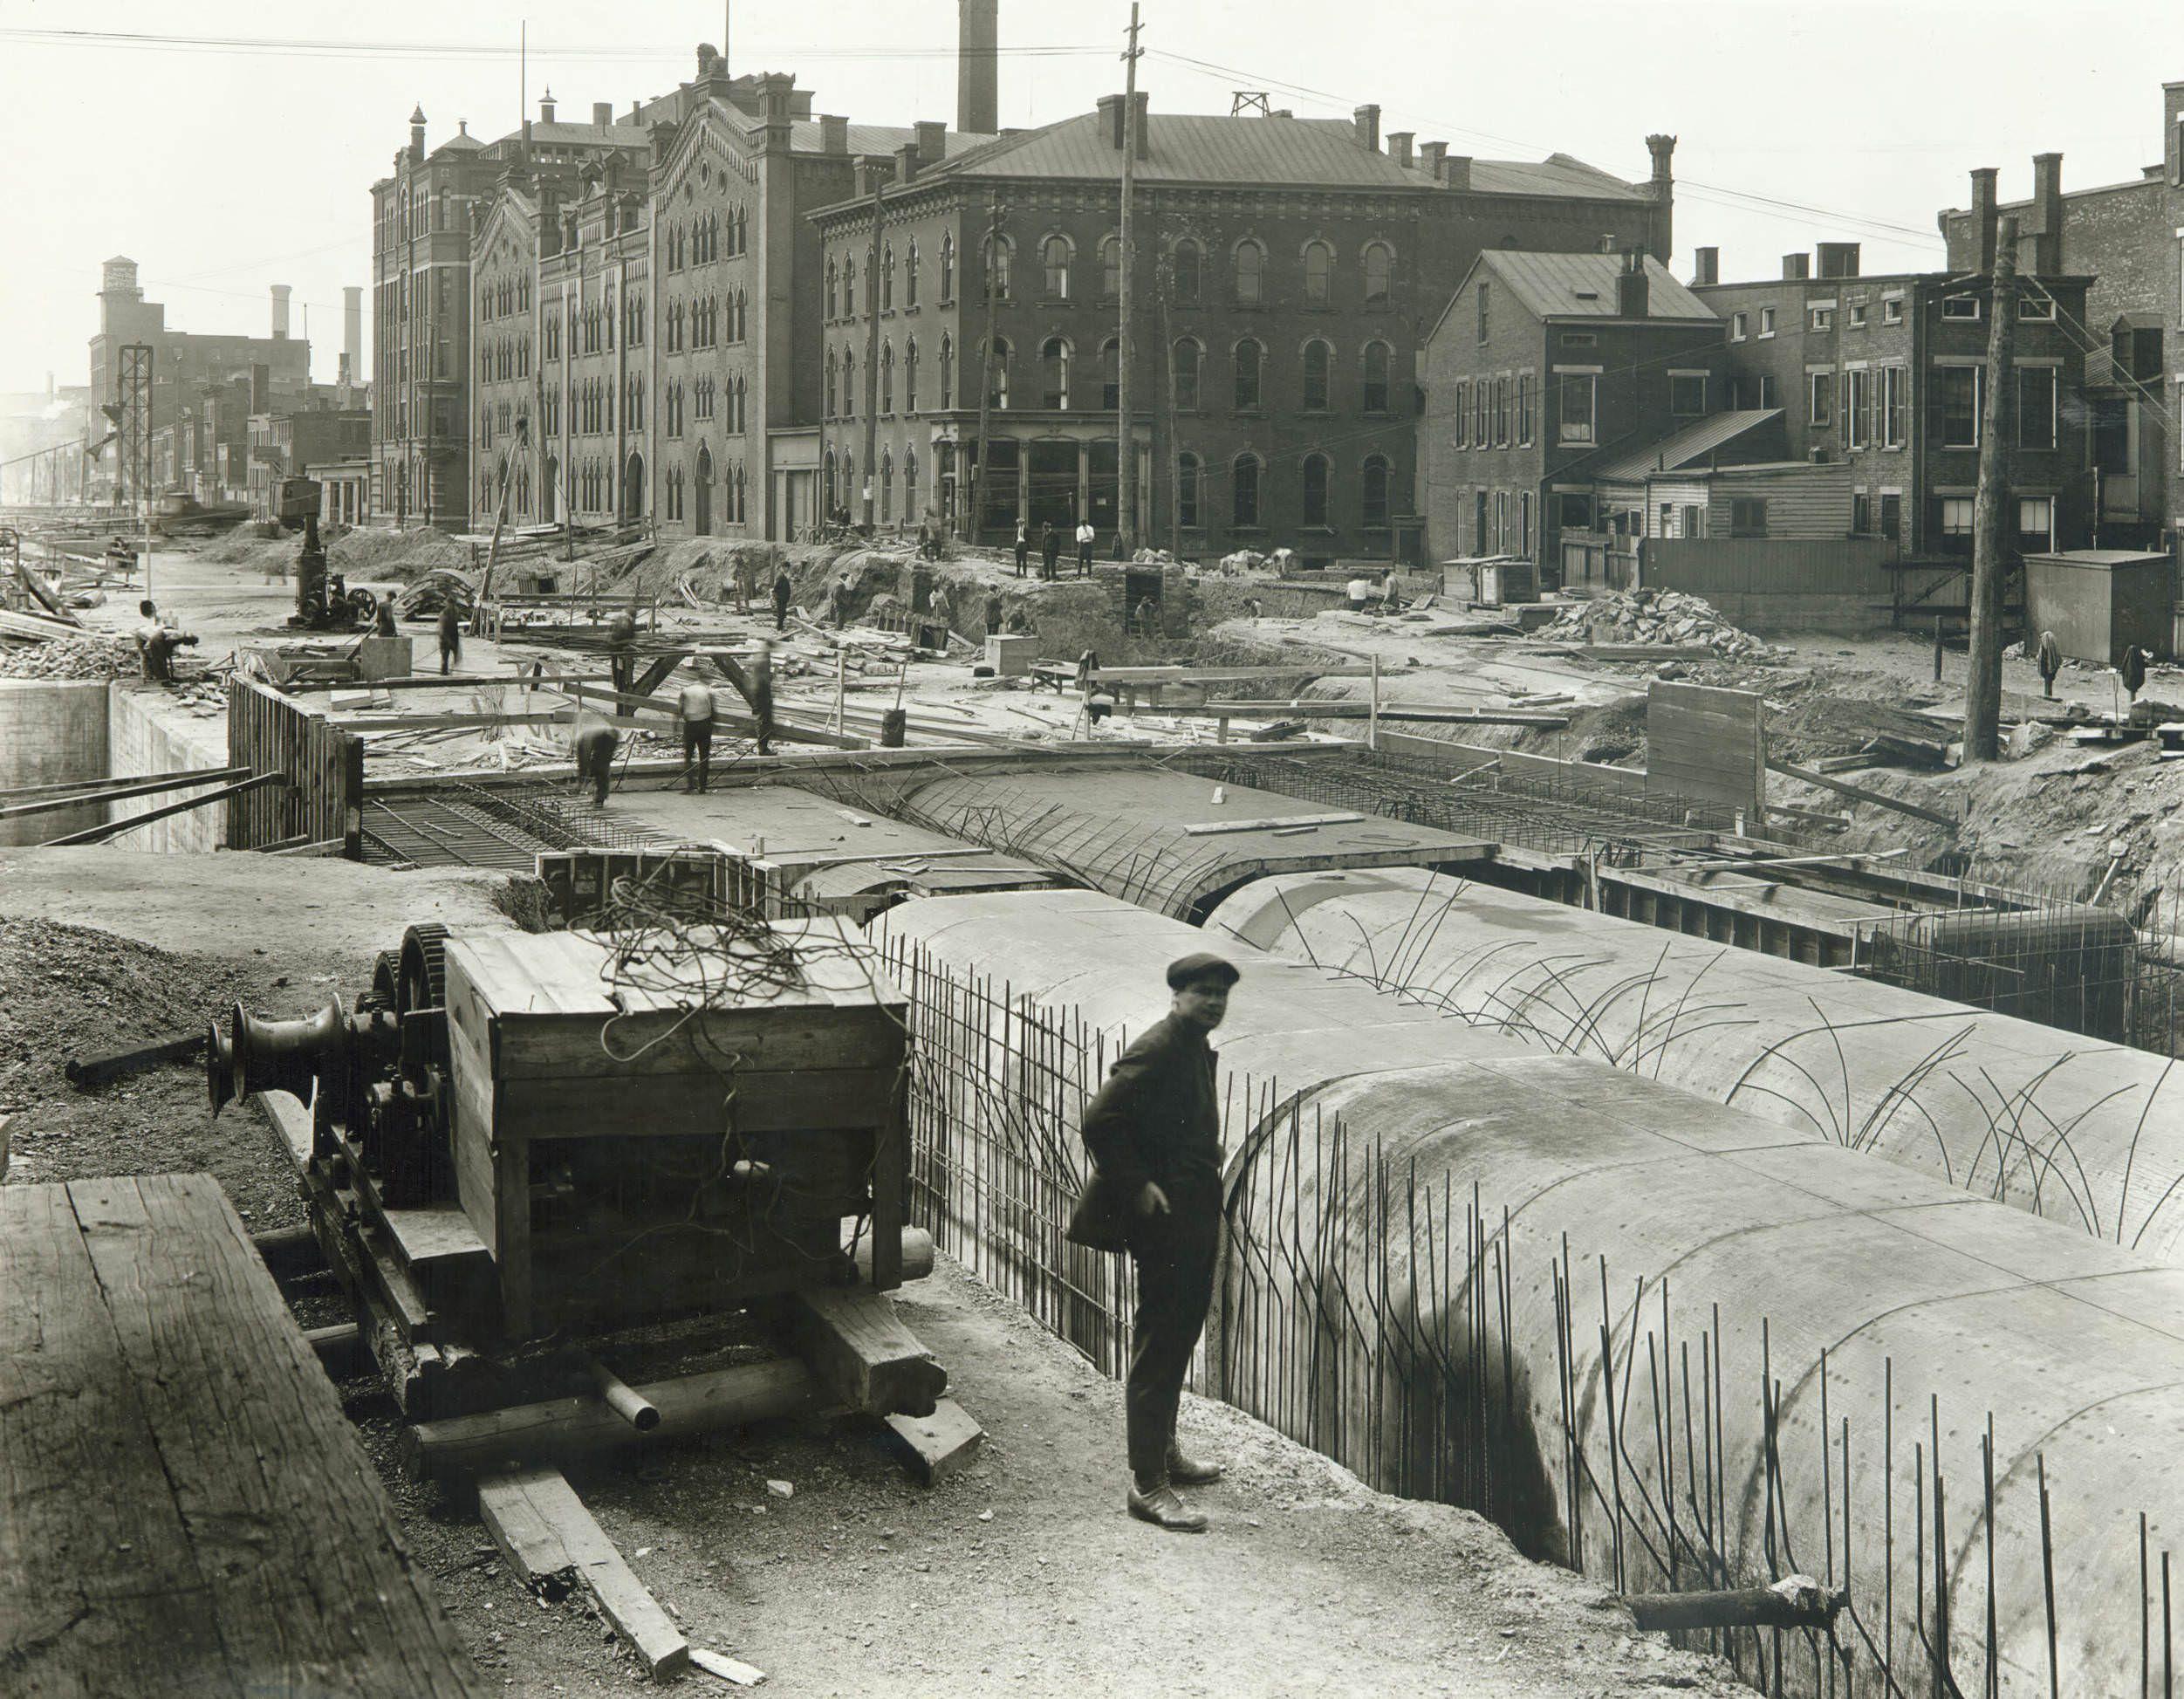 美国承认最失败工程,用掉167亿近百年时间修不成一条地铁